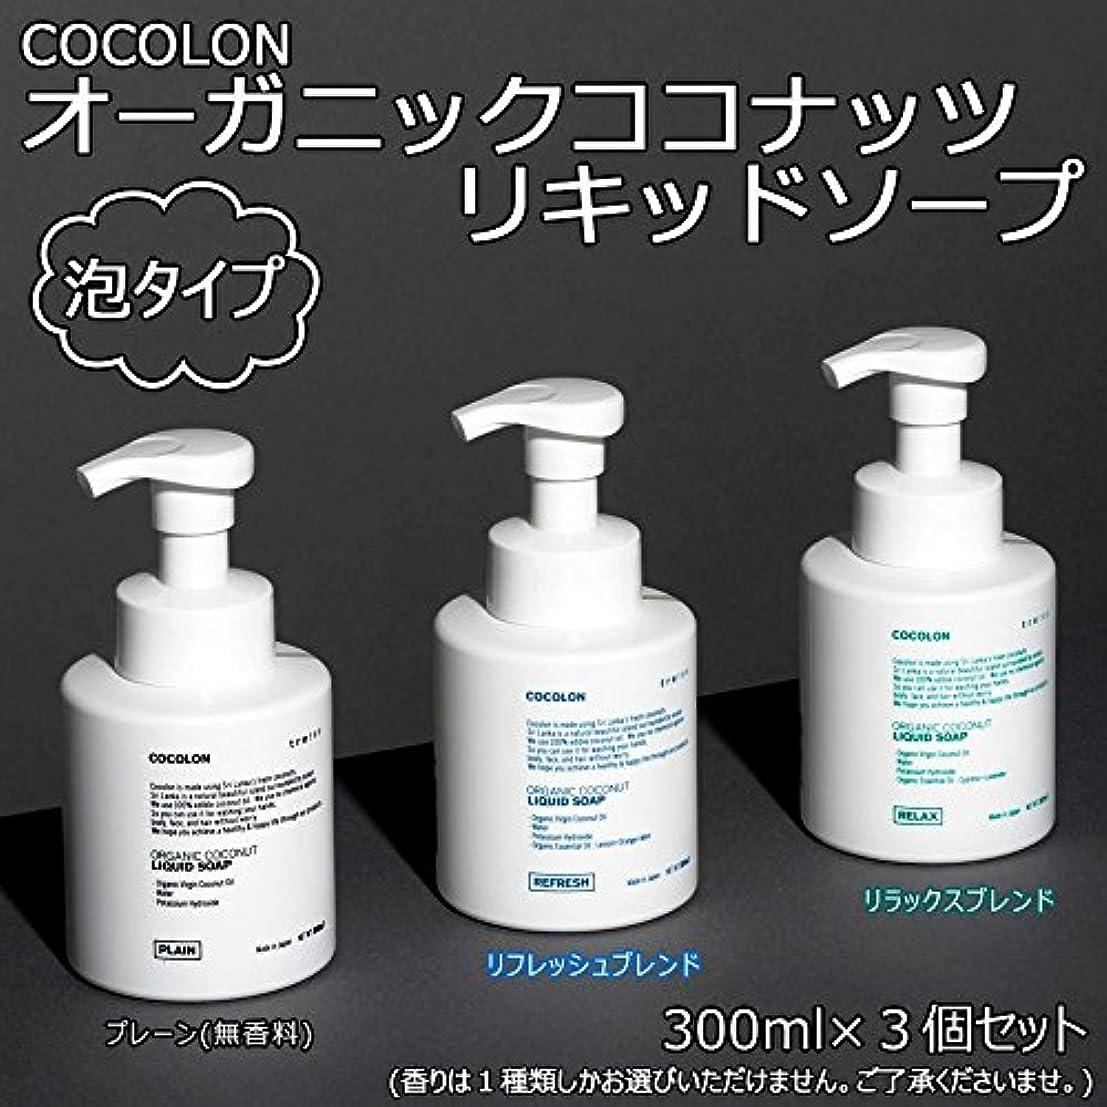 ロッジスコットランド人コンペCOCOLON ココロン オーガニックココナッツリキッドソープ 泡タイプ 300ml 3個セット【同梱?代引不可】 ■3種類の内「リフレッシュブレンド」のみです